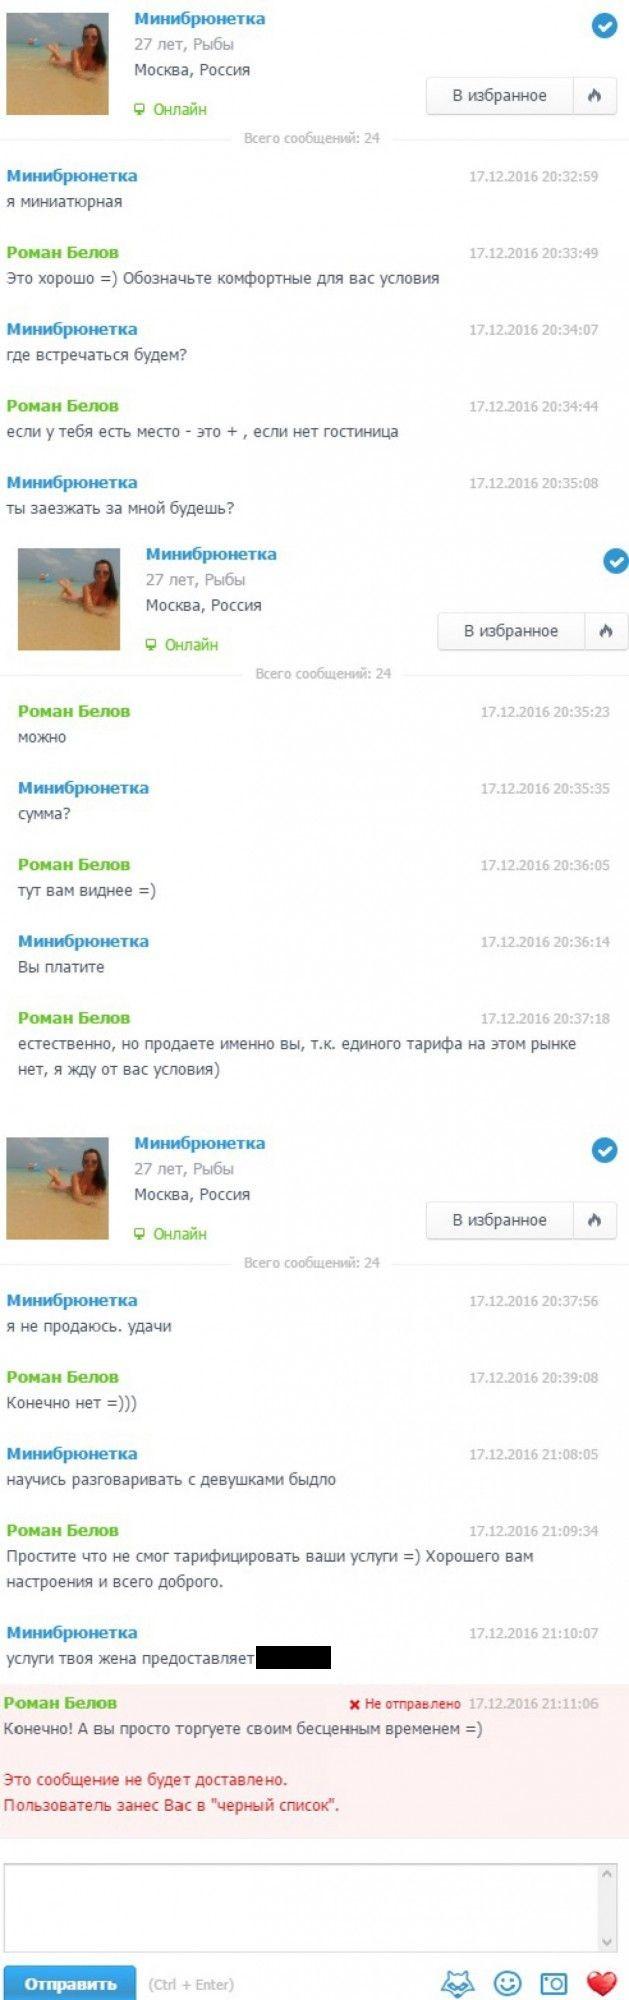 Женская логика в забавных постах и комментариях (14 скриншотов)